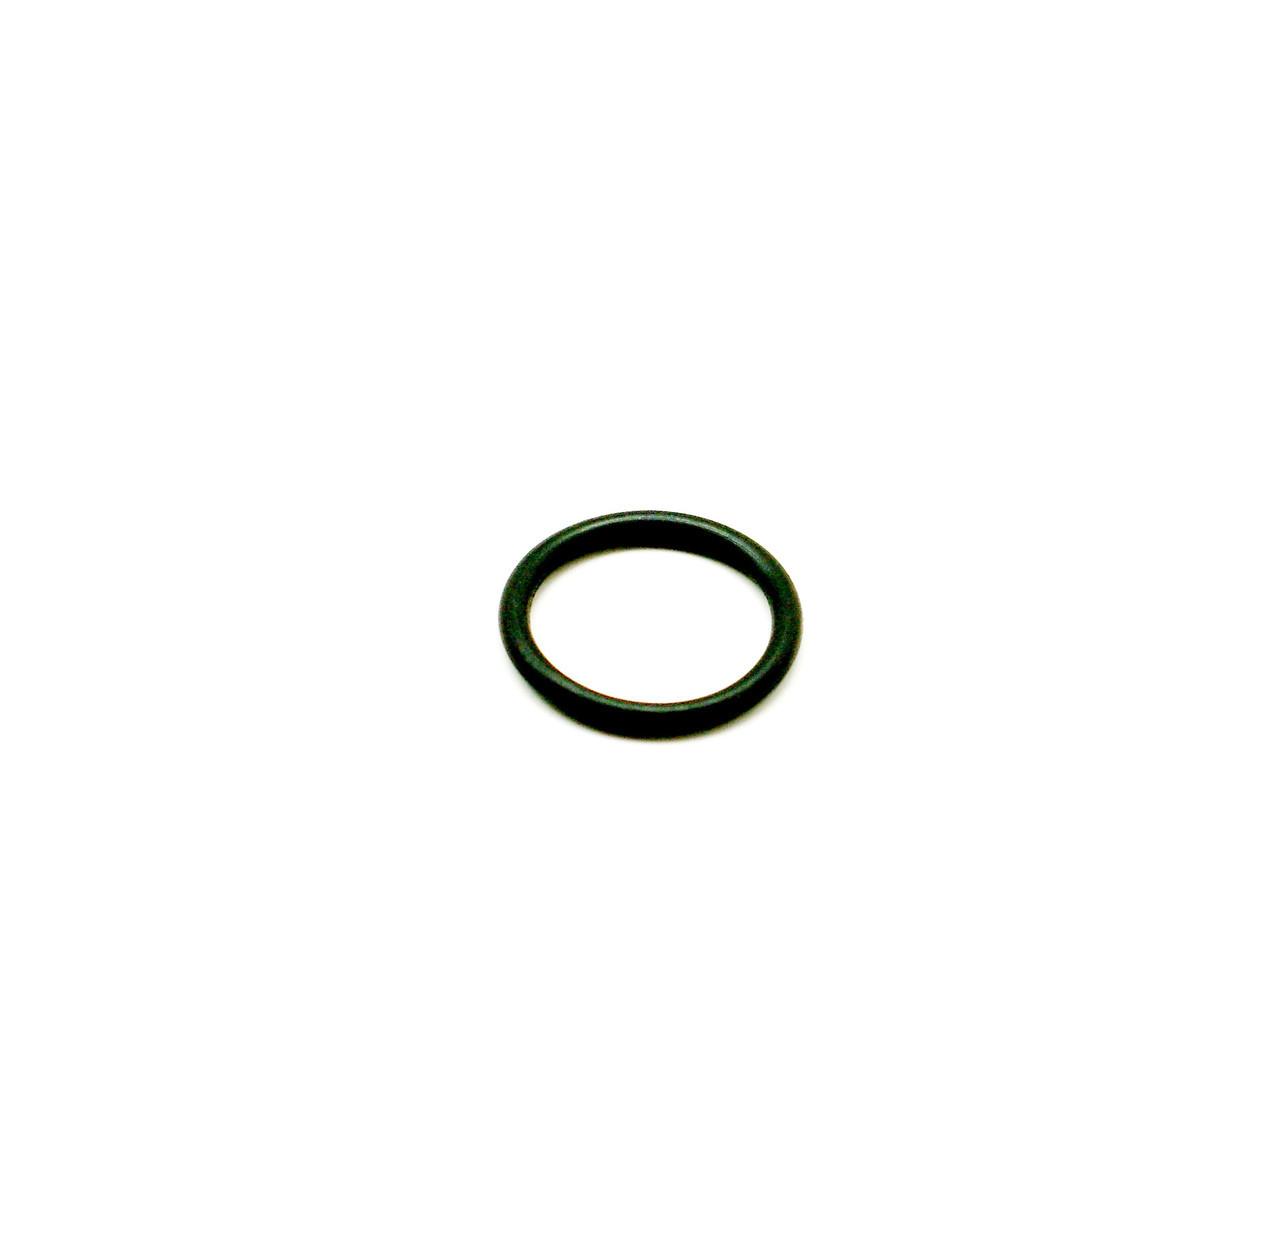 Кольцо уплотнительное штуцера охлаждения компрессора Cummins ISL9, QSL 3046201, 172049